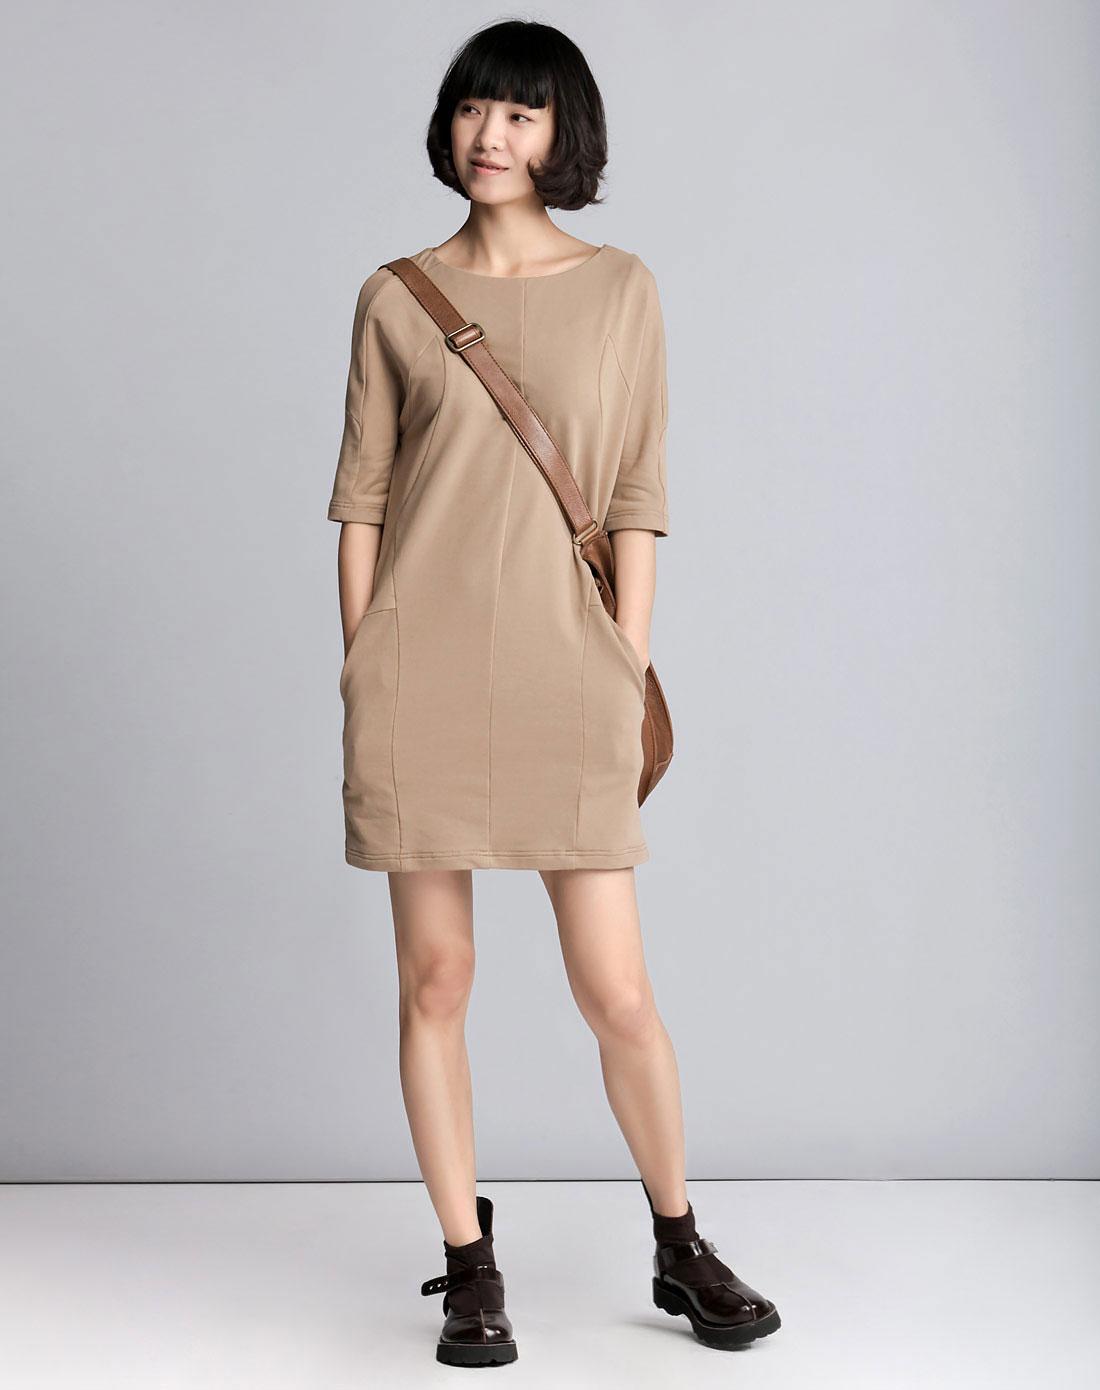 艾米amii卡其色休闲中袖连衣裙11240005270